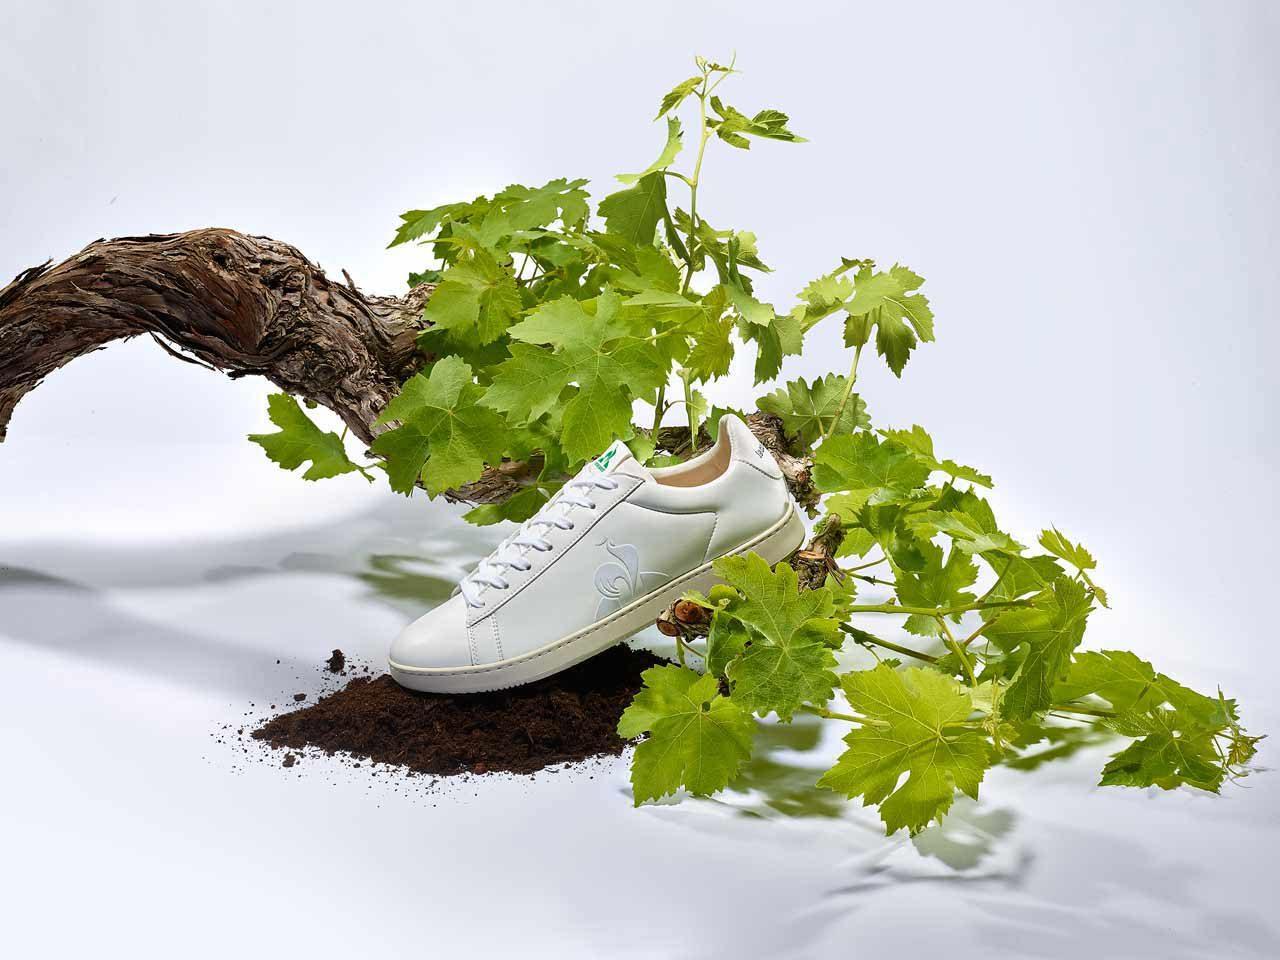 Le coq sportif gamme végétale sneaker GAIA